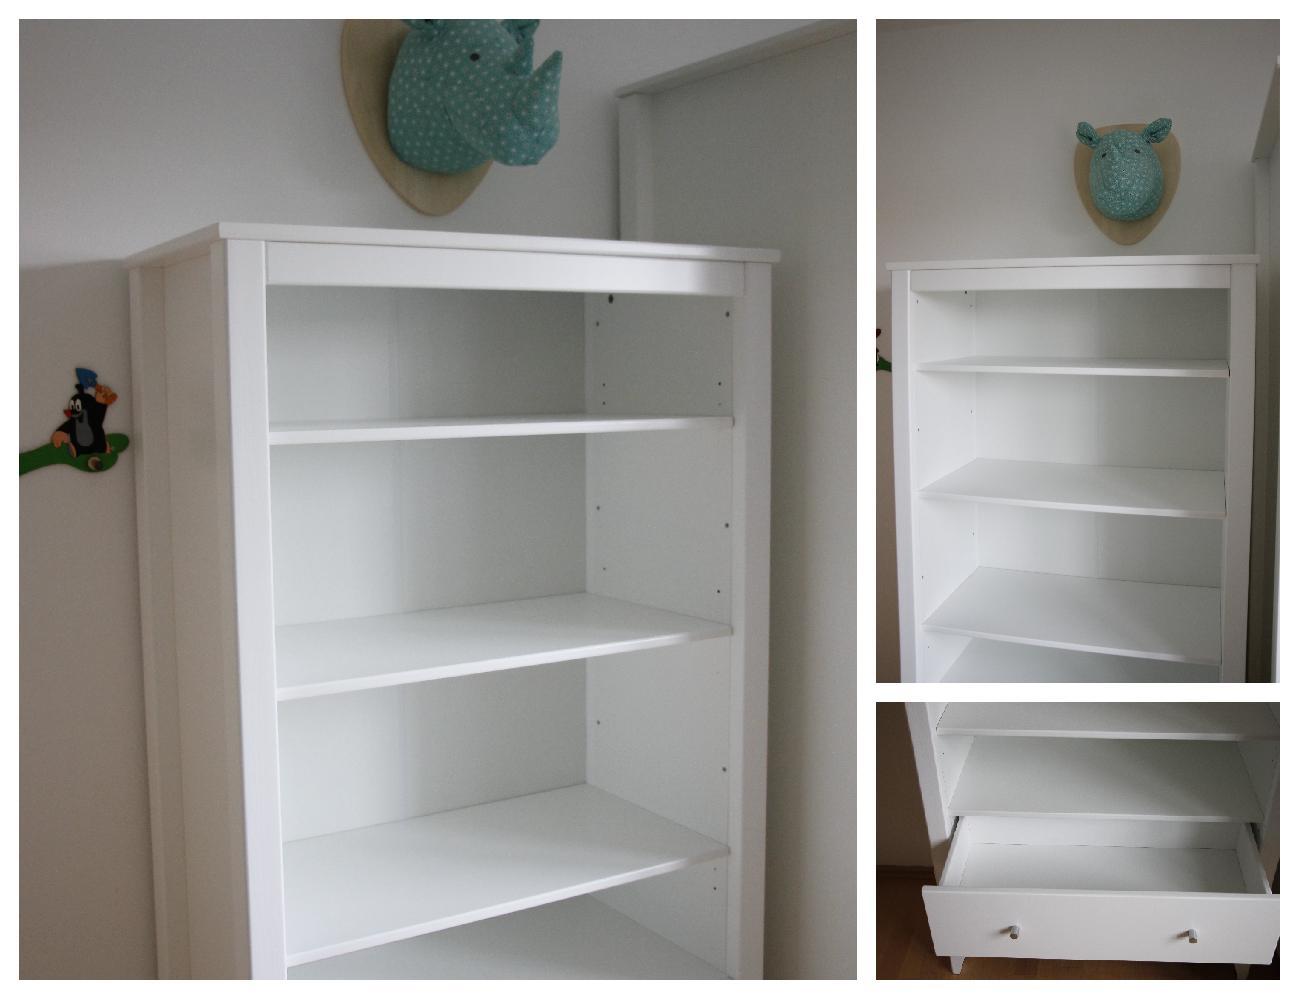 Kinderzimmer Schrank Einräumen Das Kleiderschrank Projekt